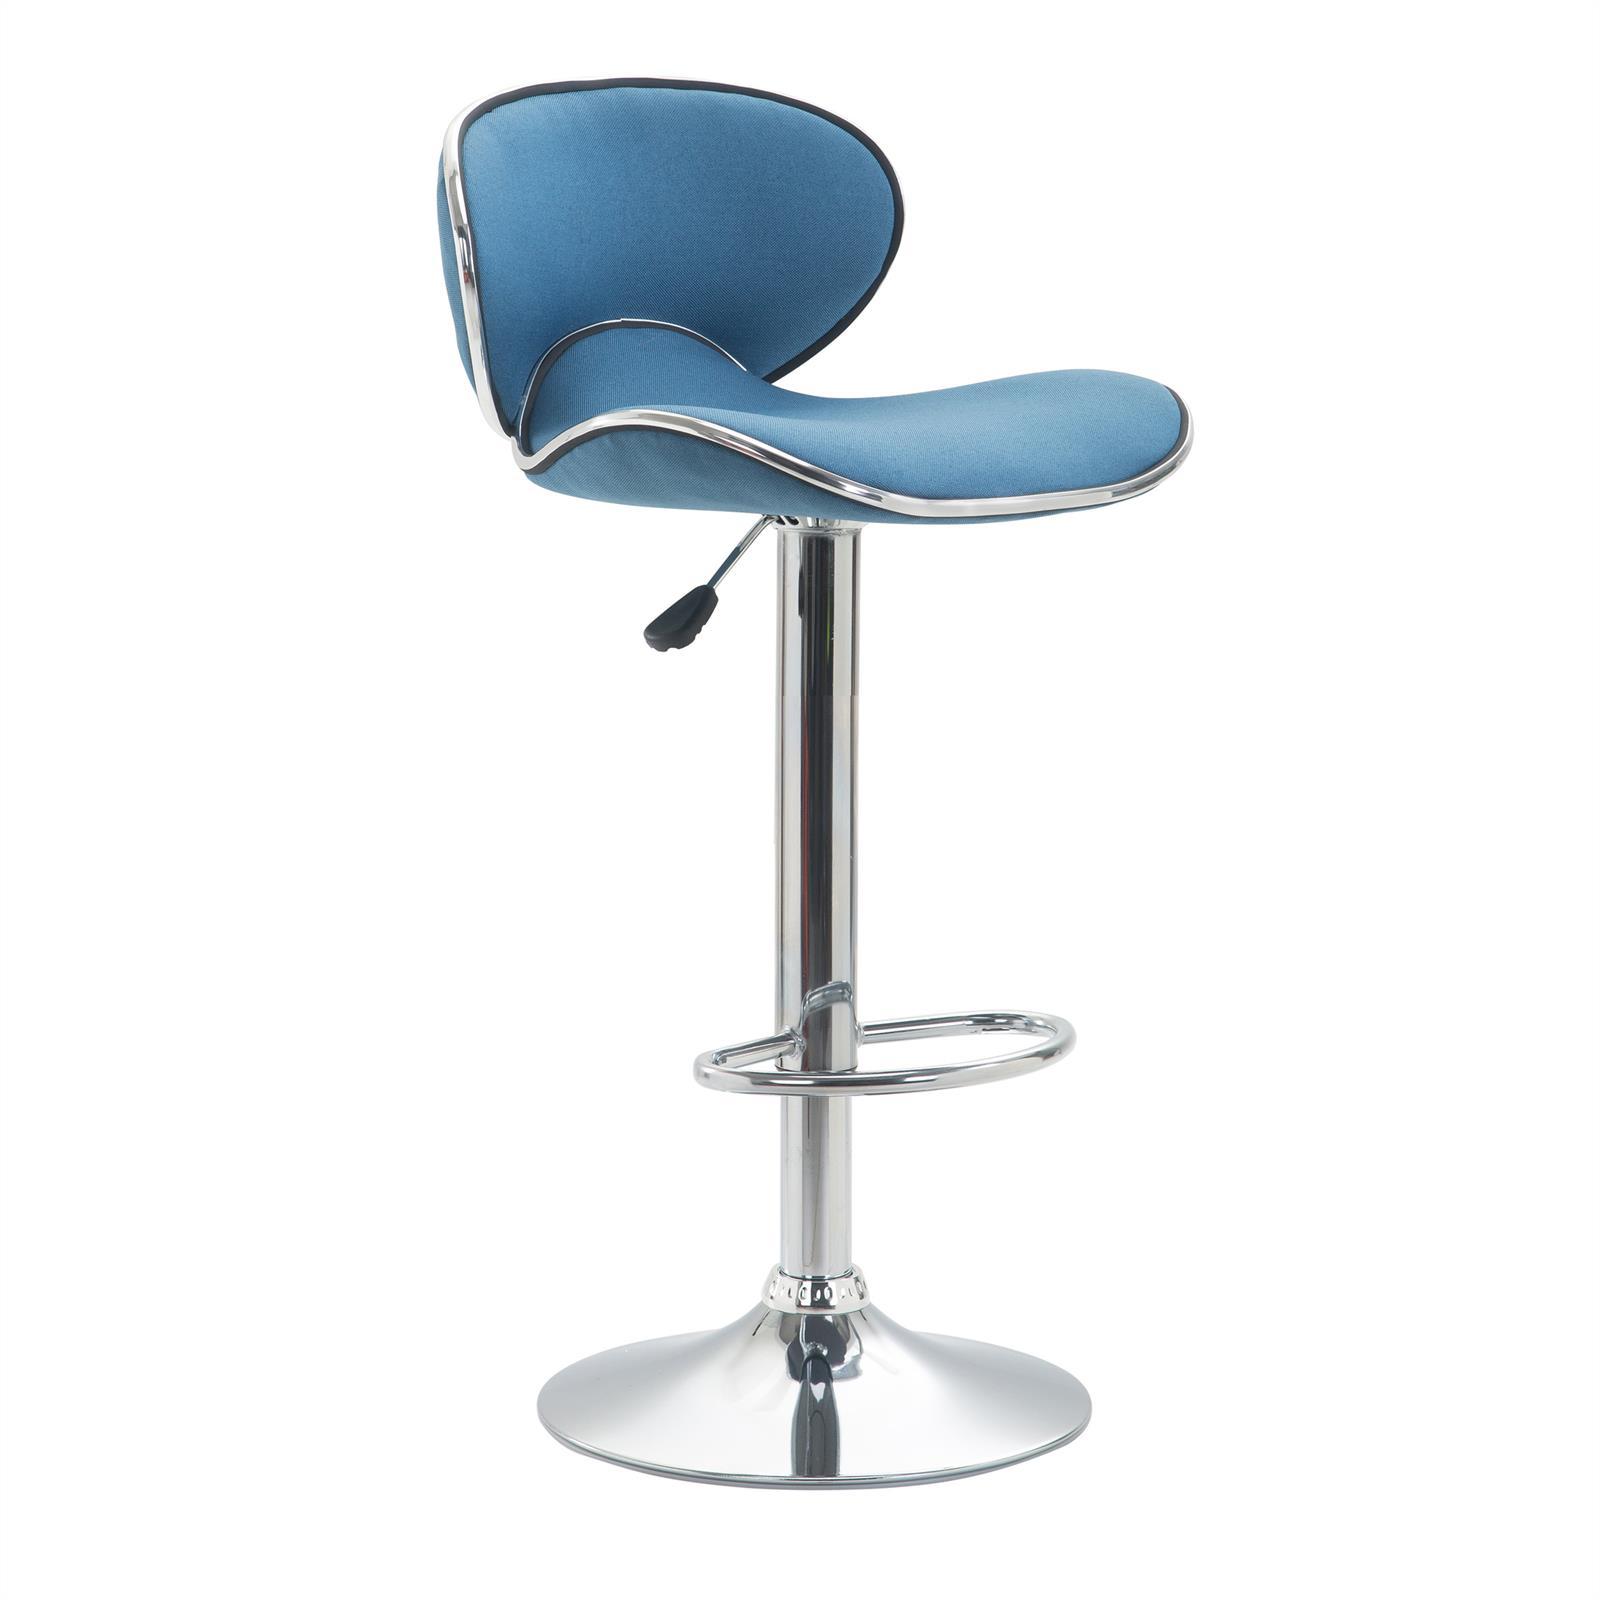 barhocker lounge mit stoffbezug blau im 2er pack mobilia24. Black Bedroom Furniture Sets. Home Design Ideas